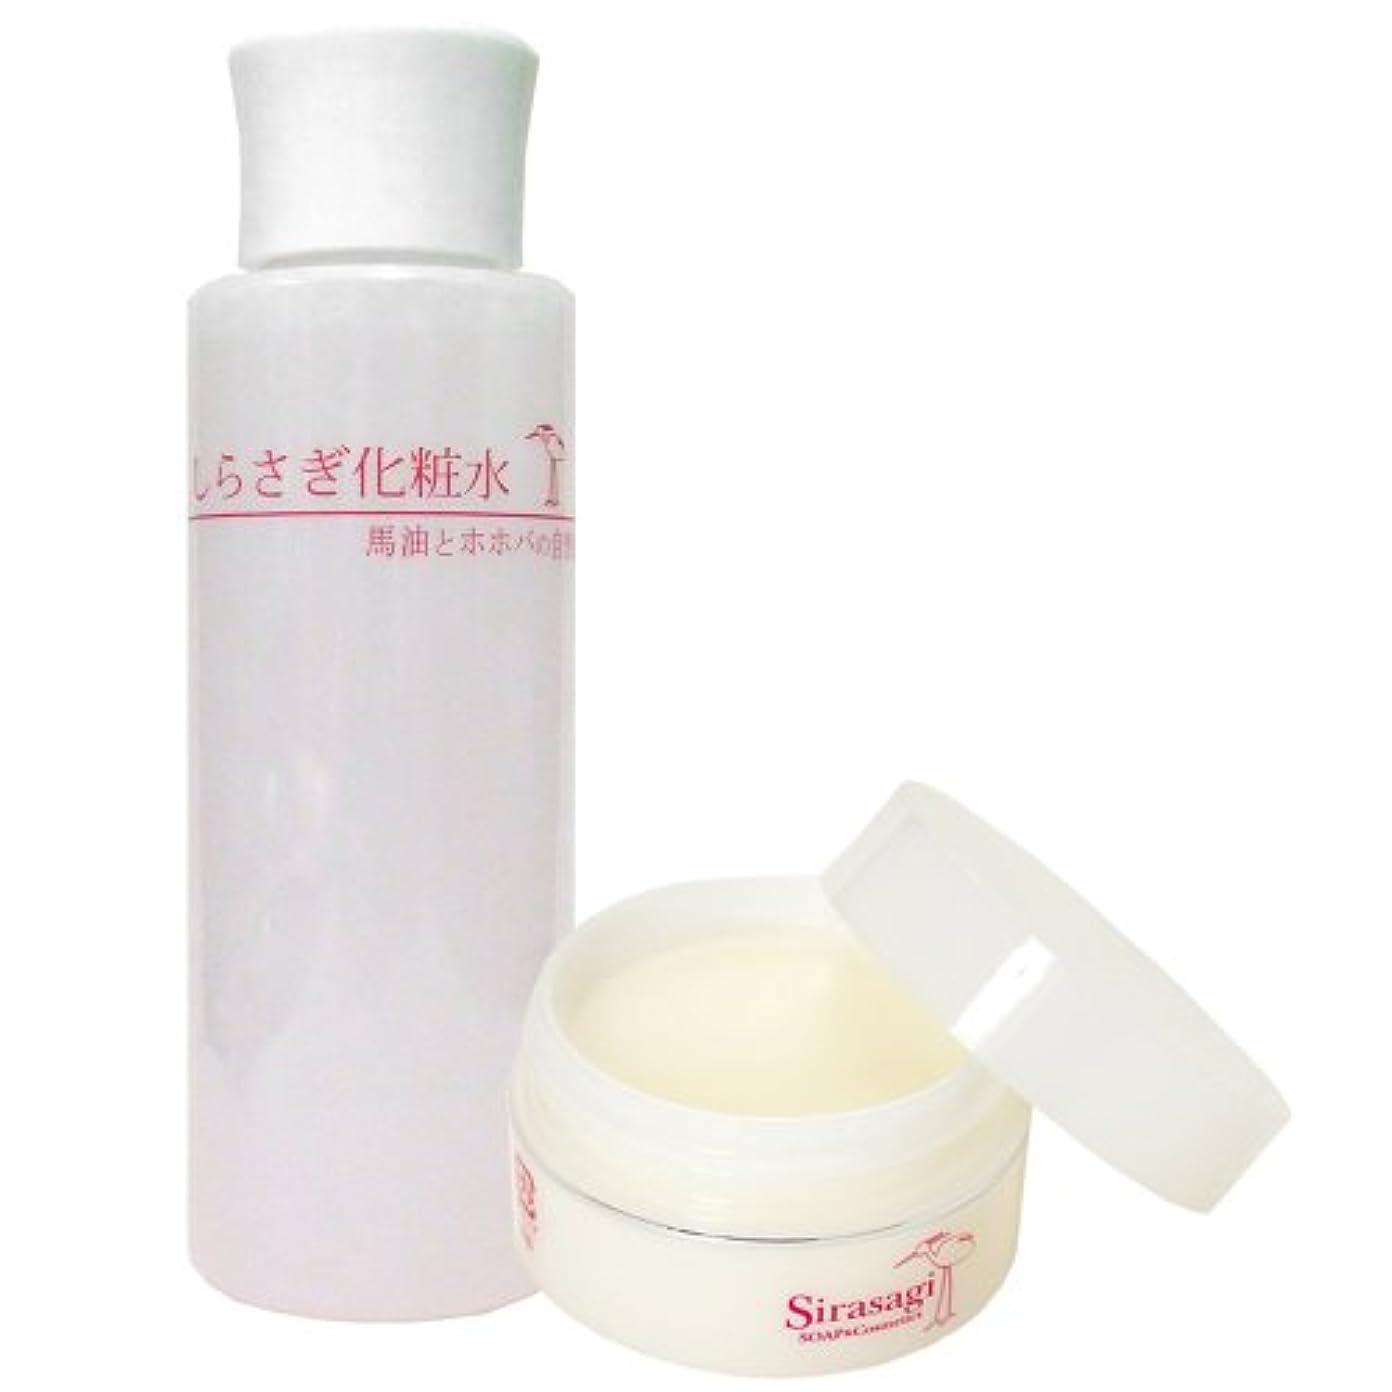 しらさぎクリーム(無香料)としらさぎ化粧水のセット